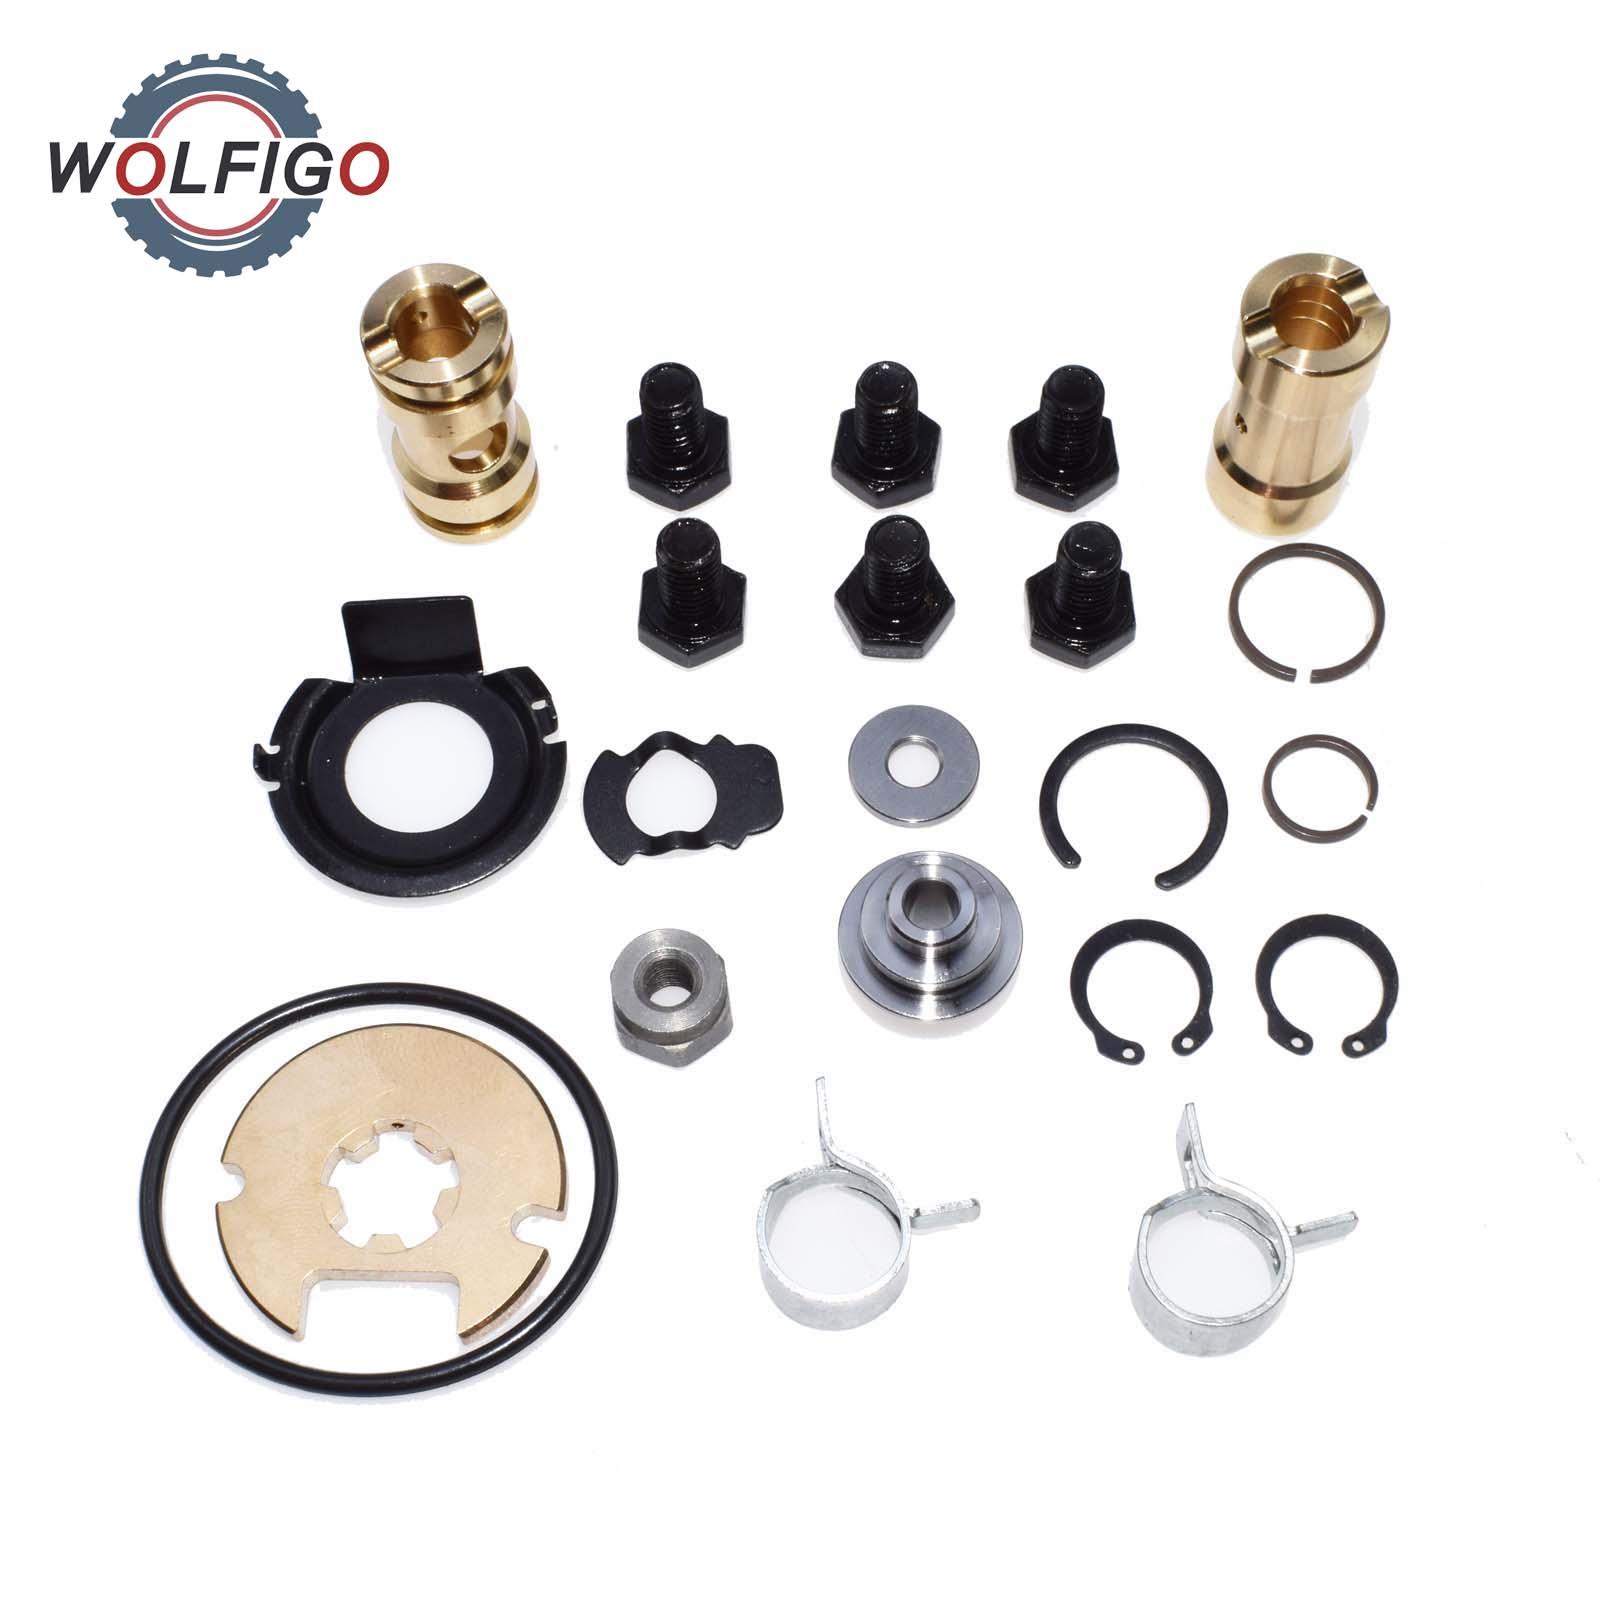 WOLFIGO TurboTurbocharger Repair Kit Rebuild Kit KKK K03 K04 Audi Passat Bora Leon Golf VW